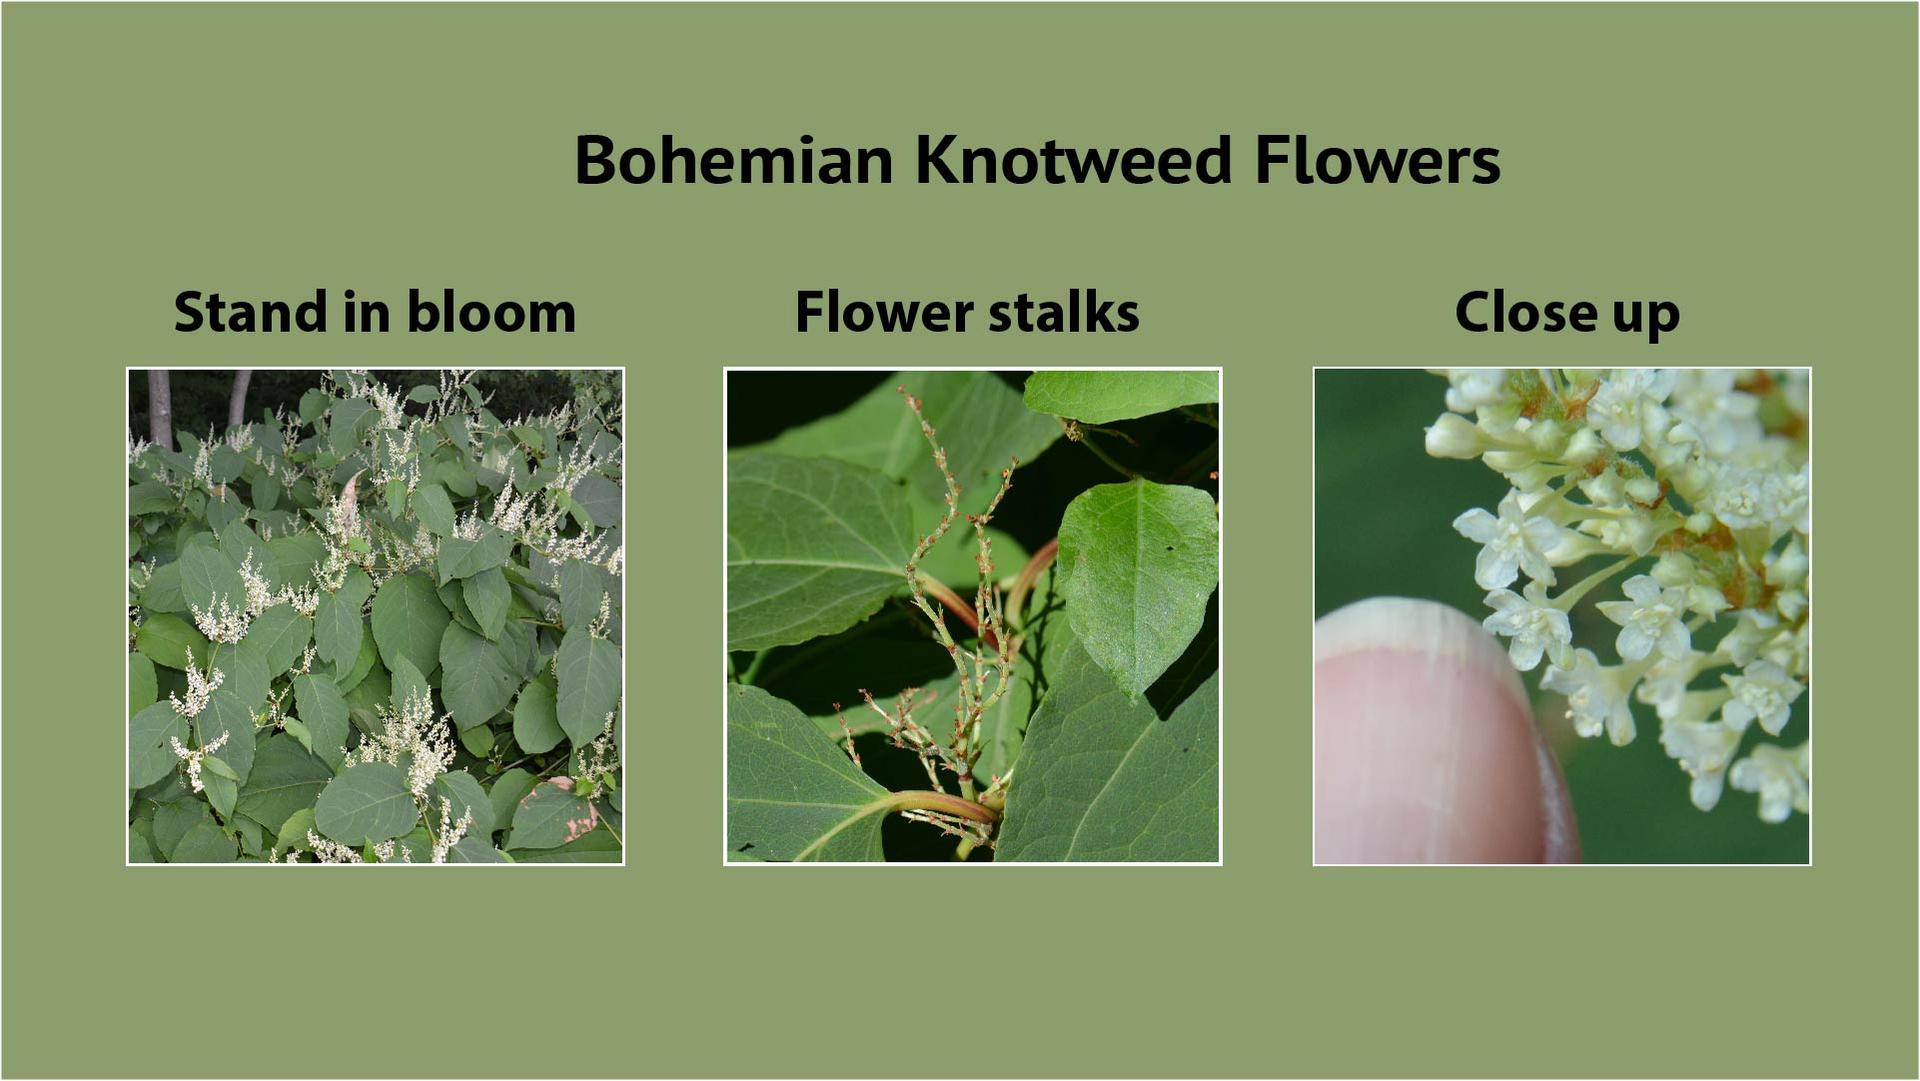 Bohemian Knotweed Flowers